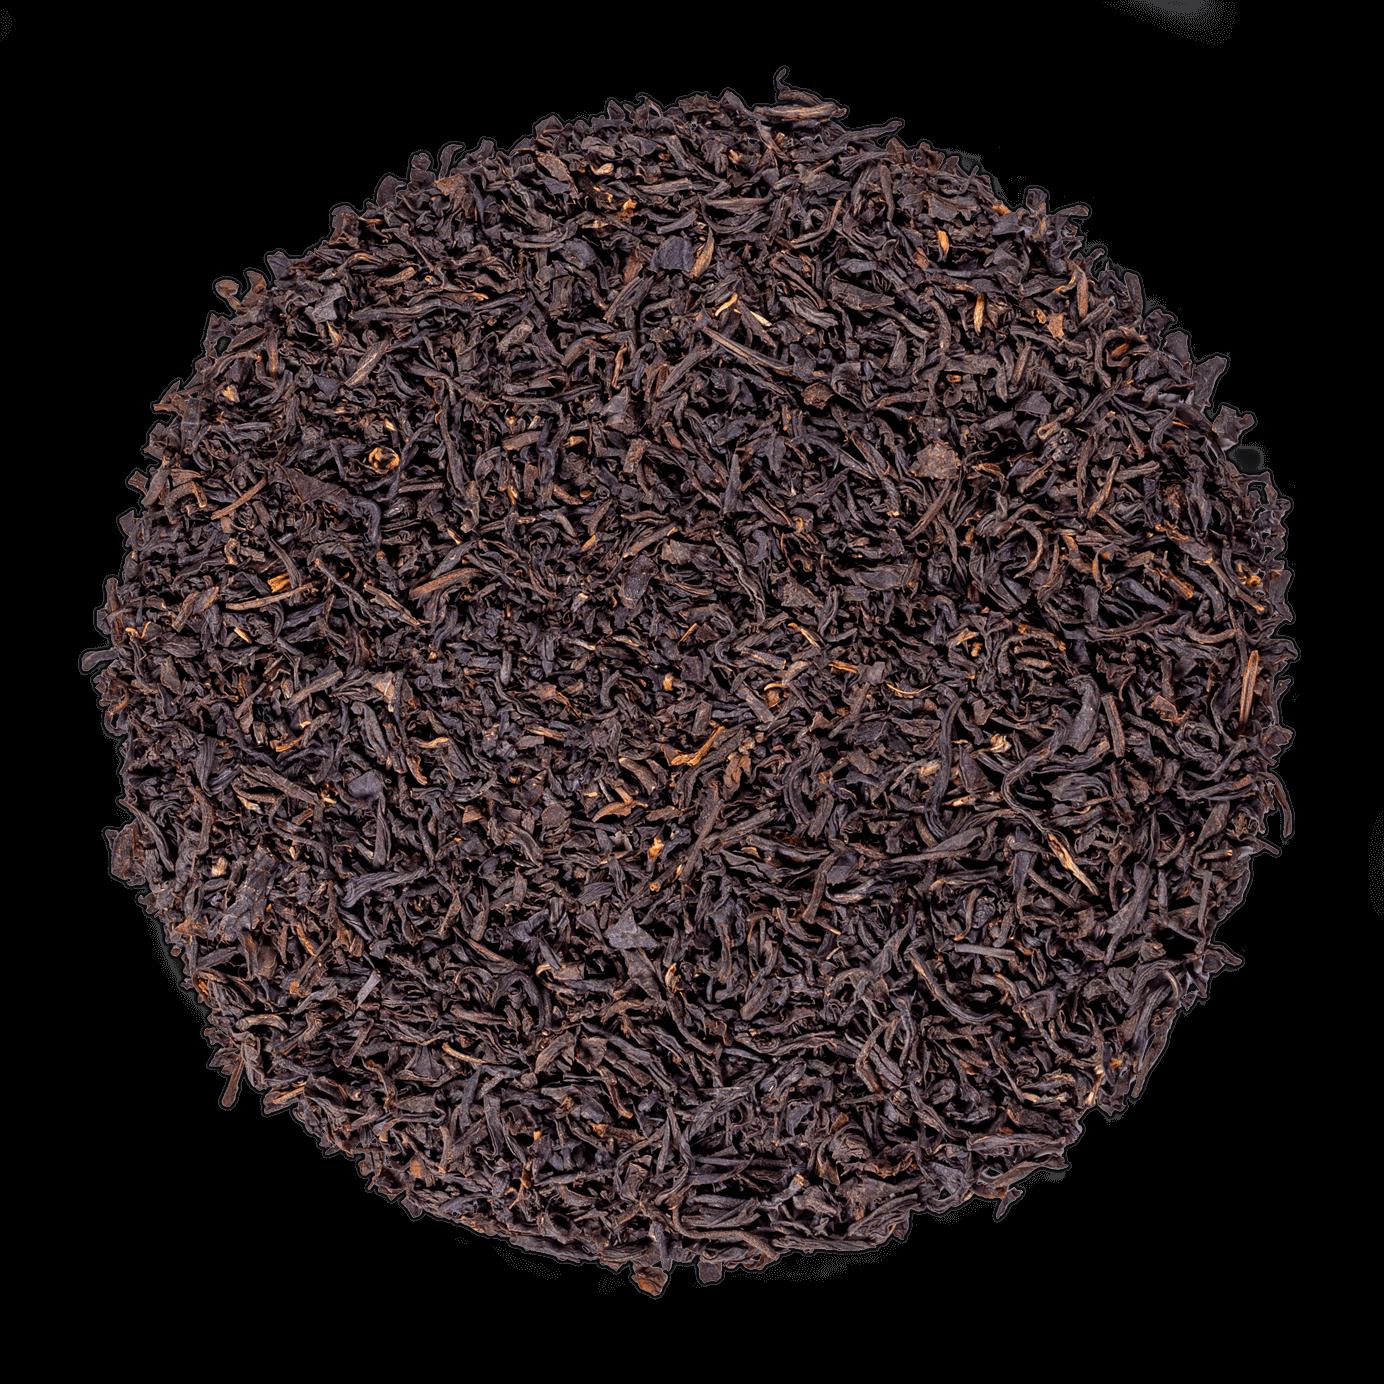 Thé légèrement fumé - Thé noir fumé et parfumé - Thé en vrac - Kusmi Tea